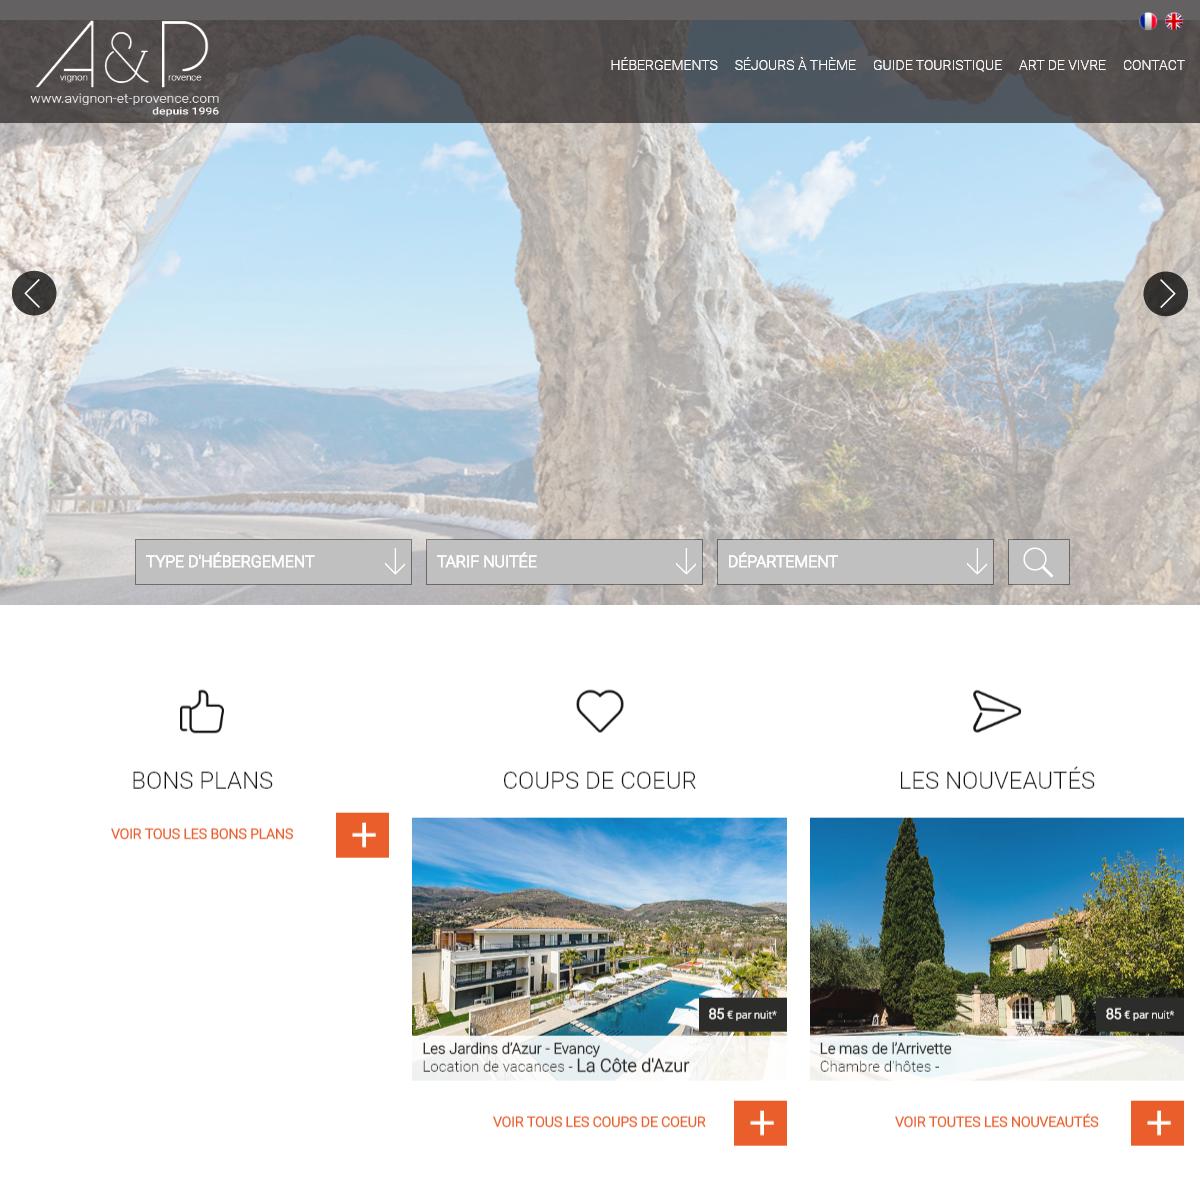 Avignon et Provence - Hebergement, tourisme et vacances en Provence et Cote d`Azur